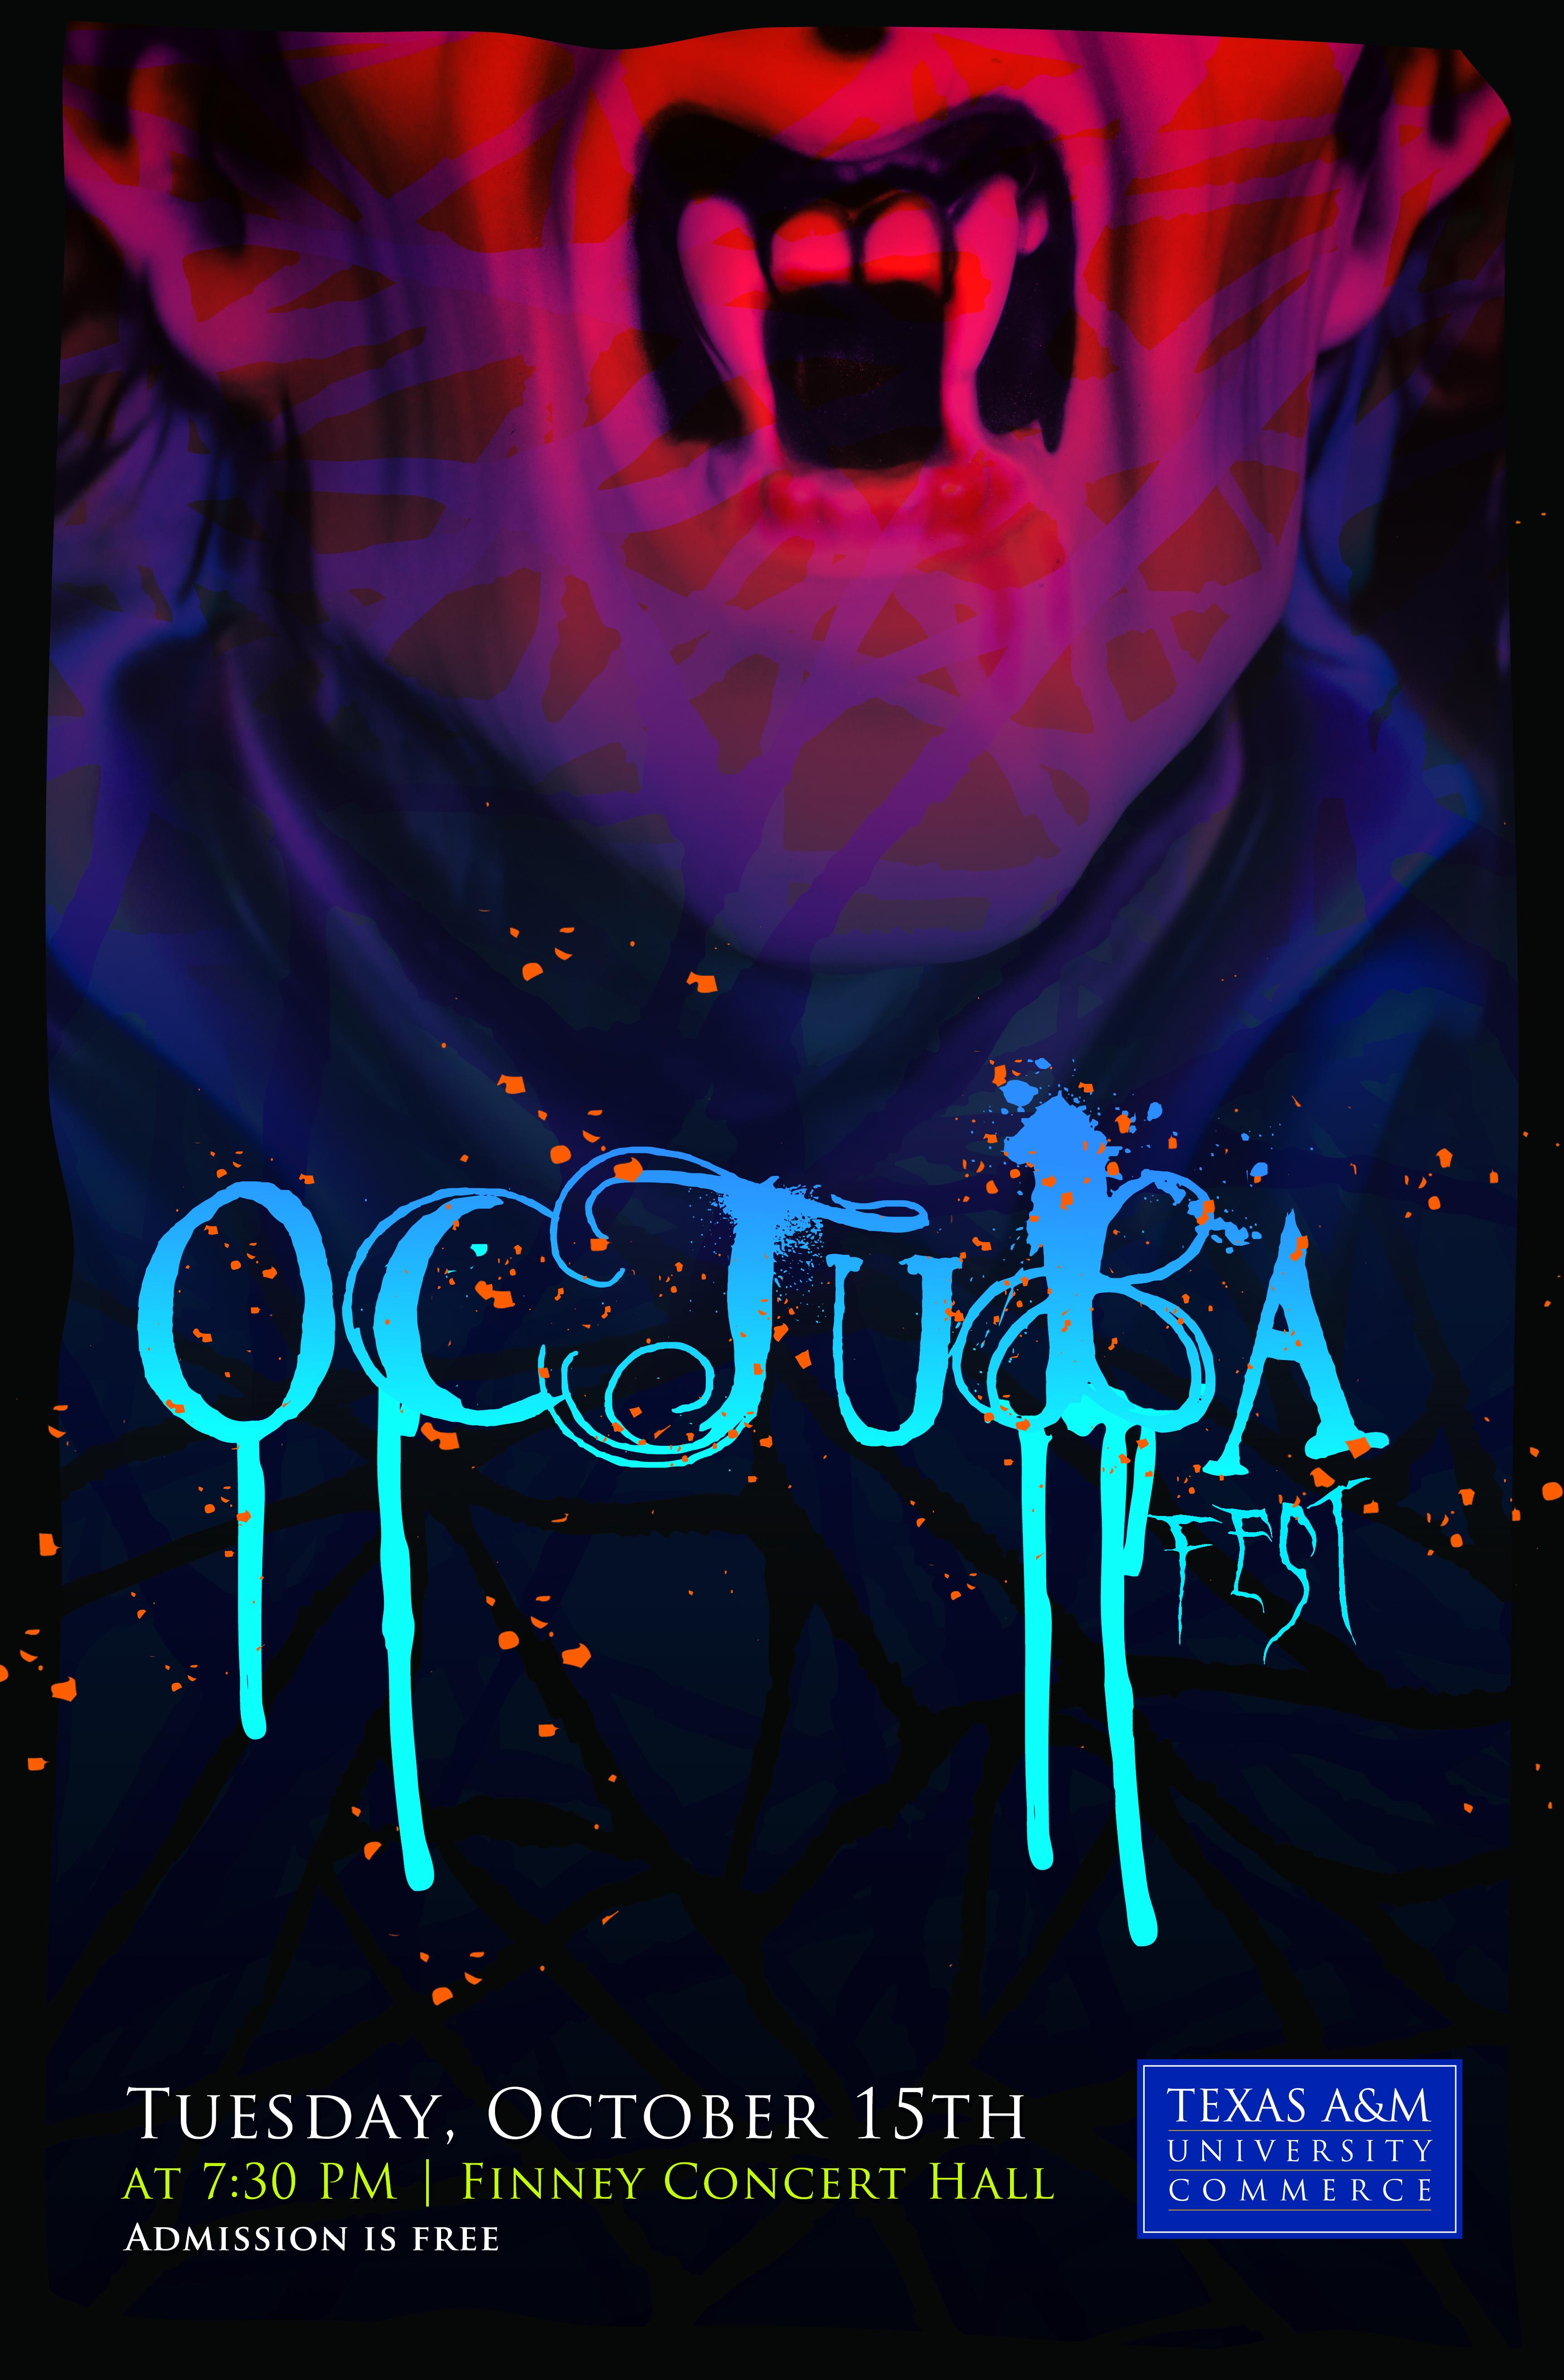 octubafest-2013-15.jpg